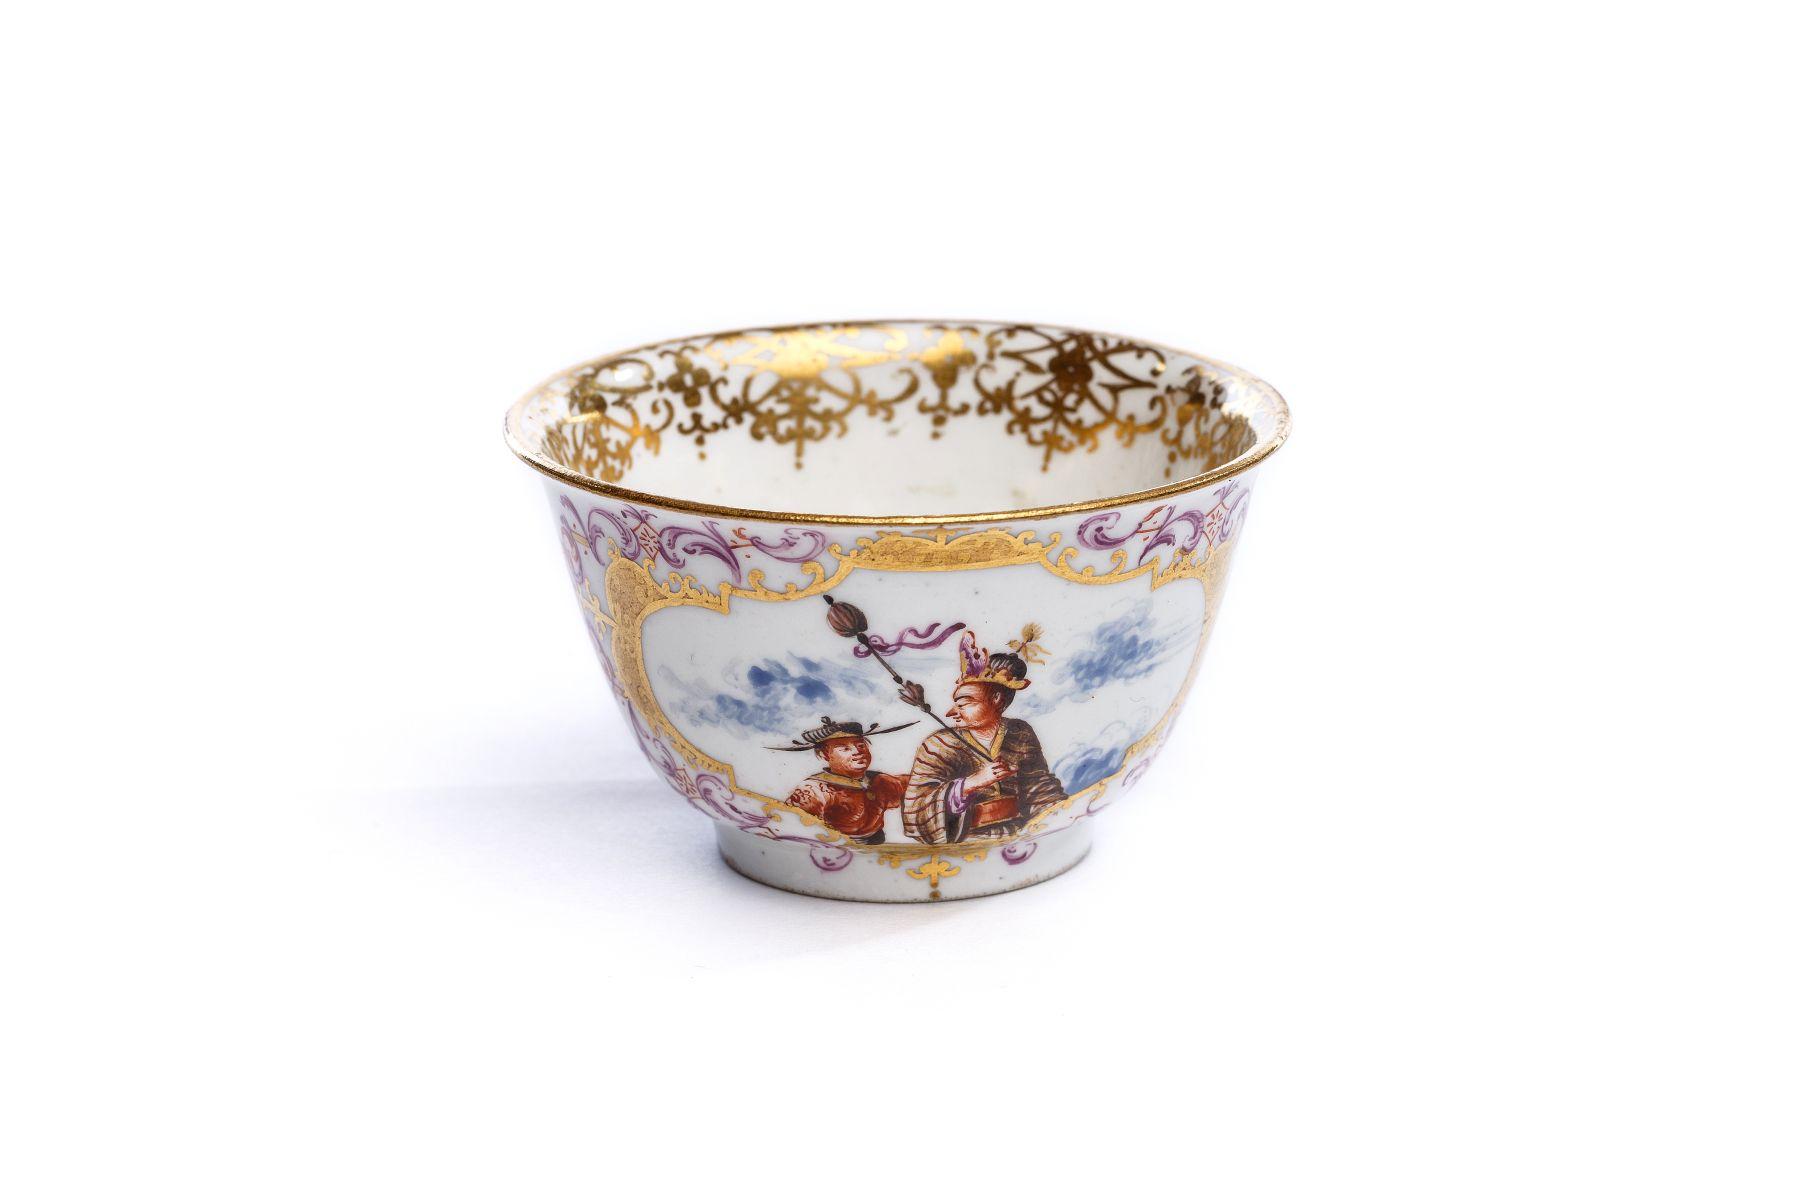 #14 Rare bowl without soucer, Meissen 1725 | Koppchen, Meissen 1725, Malerei von Johann Gregorius Höroldt (1696-1775), Bonhams London - The Hoffmeister Collection Image